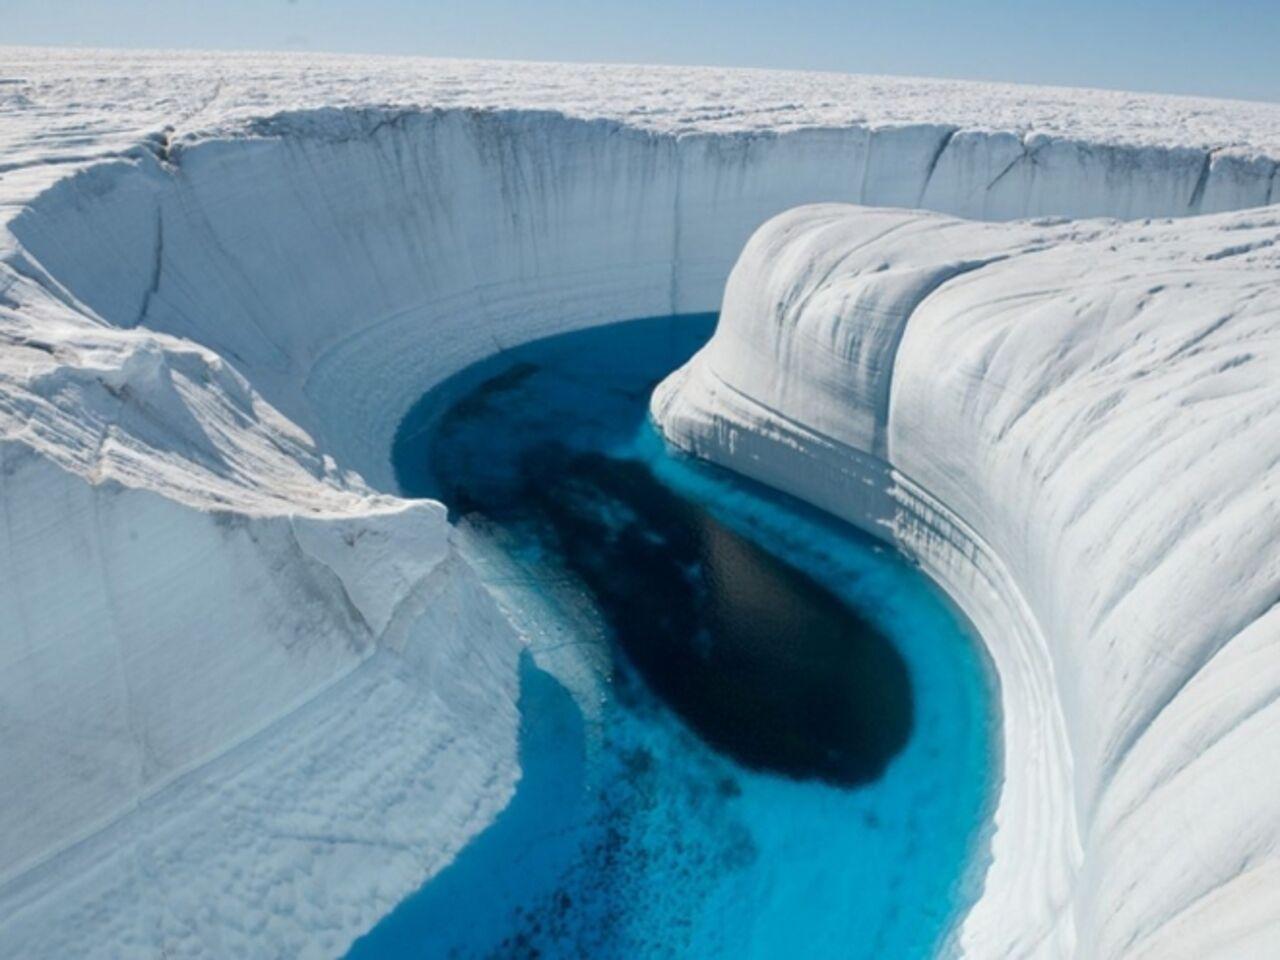 Геологи в Антарктиде обнаружили самый большой каньон на Земле